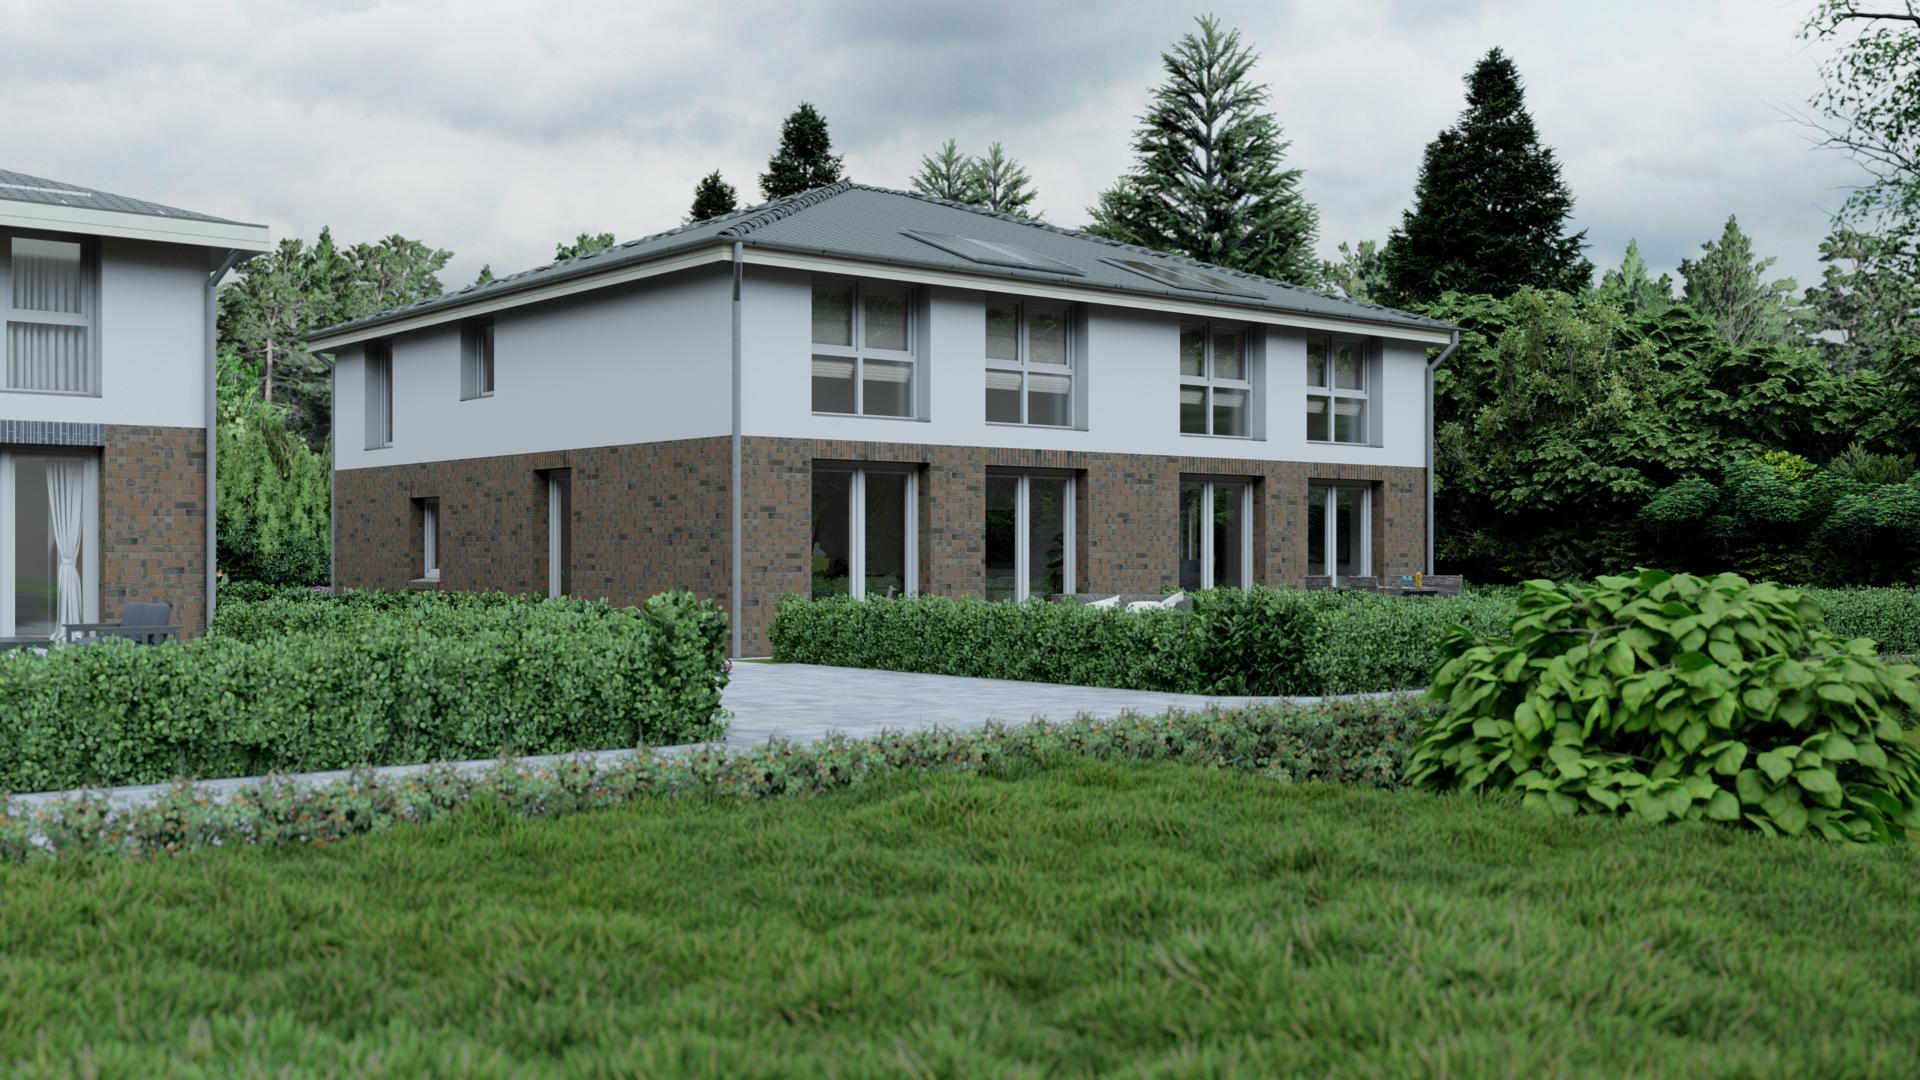 Doppelhaushälfte in Billwerder, am Ende einer Sackgasse (DHH 3) - 2001_3